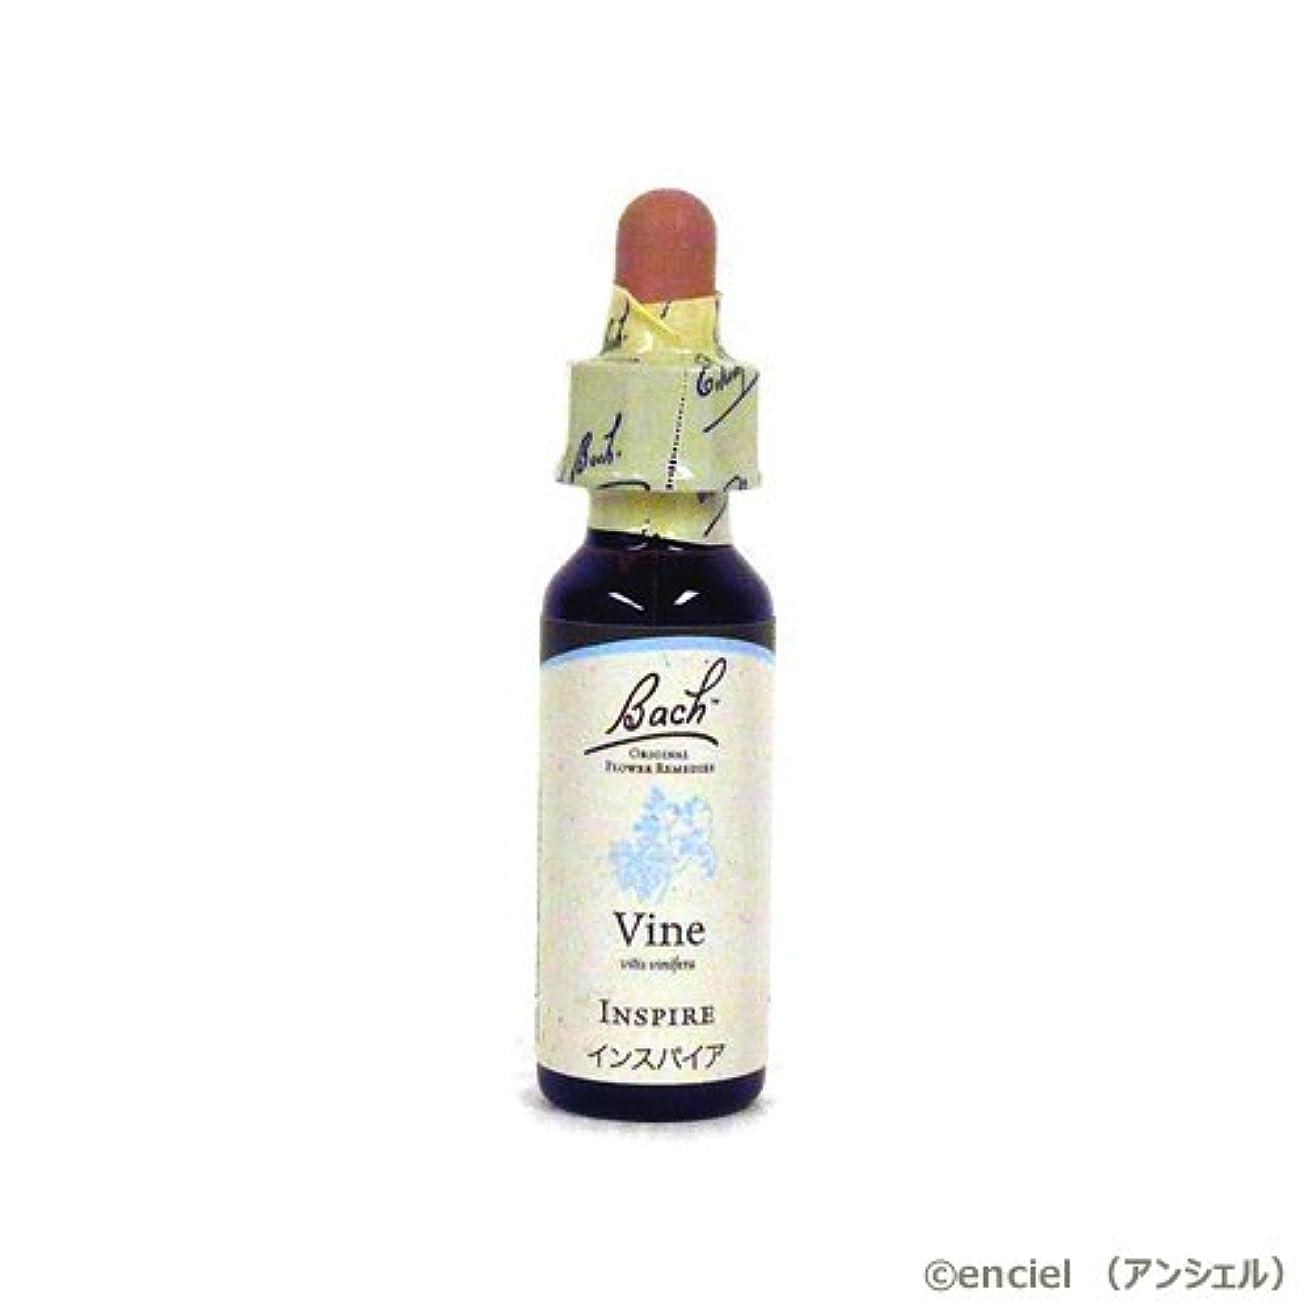 灰温度商業のバッチフラワー レメディ バイン(VINE) 10ml グリセリンタイプ 日本国内正規品